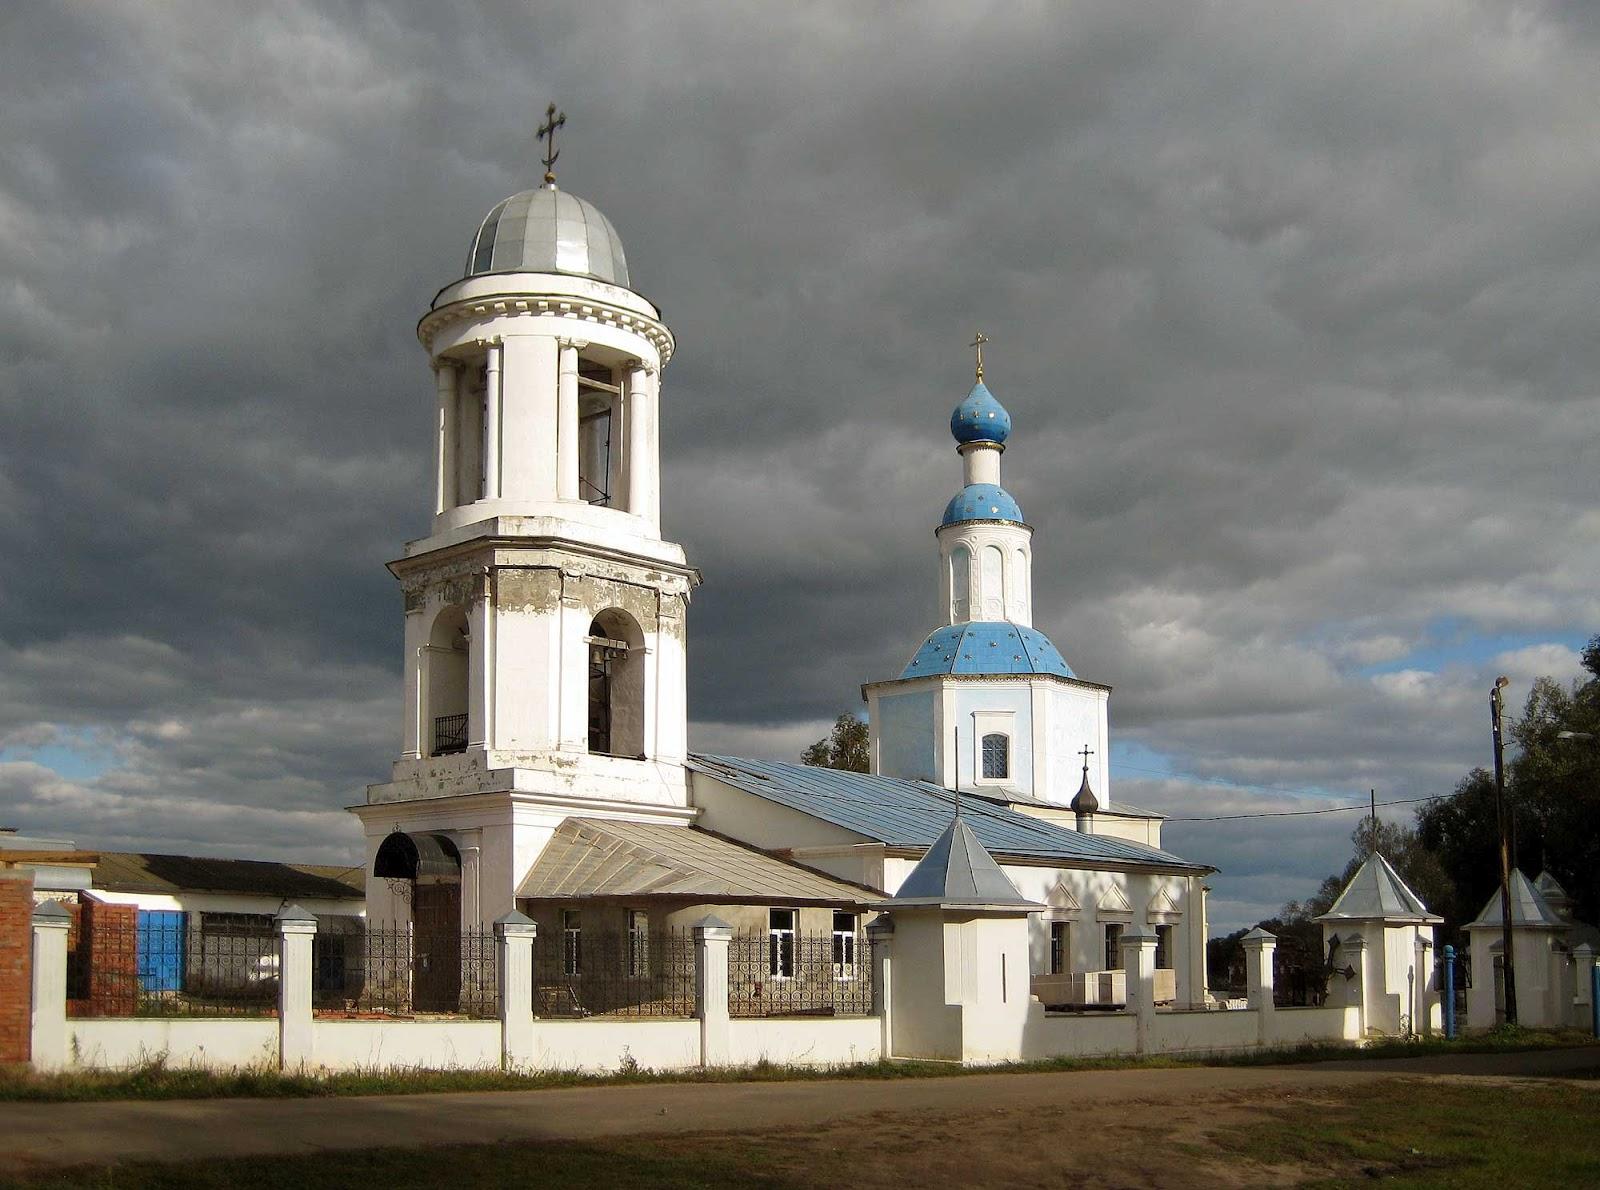 Церковь Успения Пресвятой Богородицы (Ногинск)